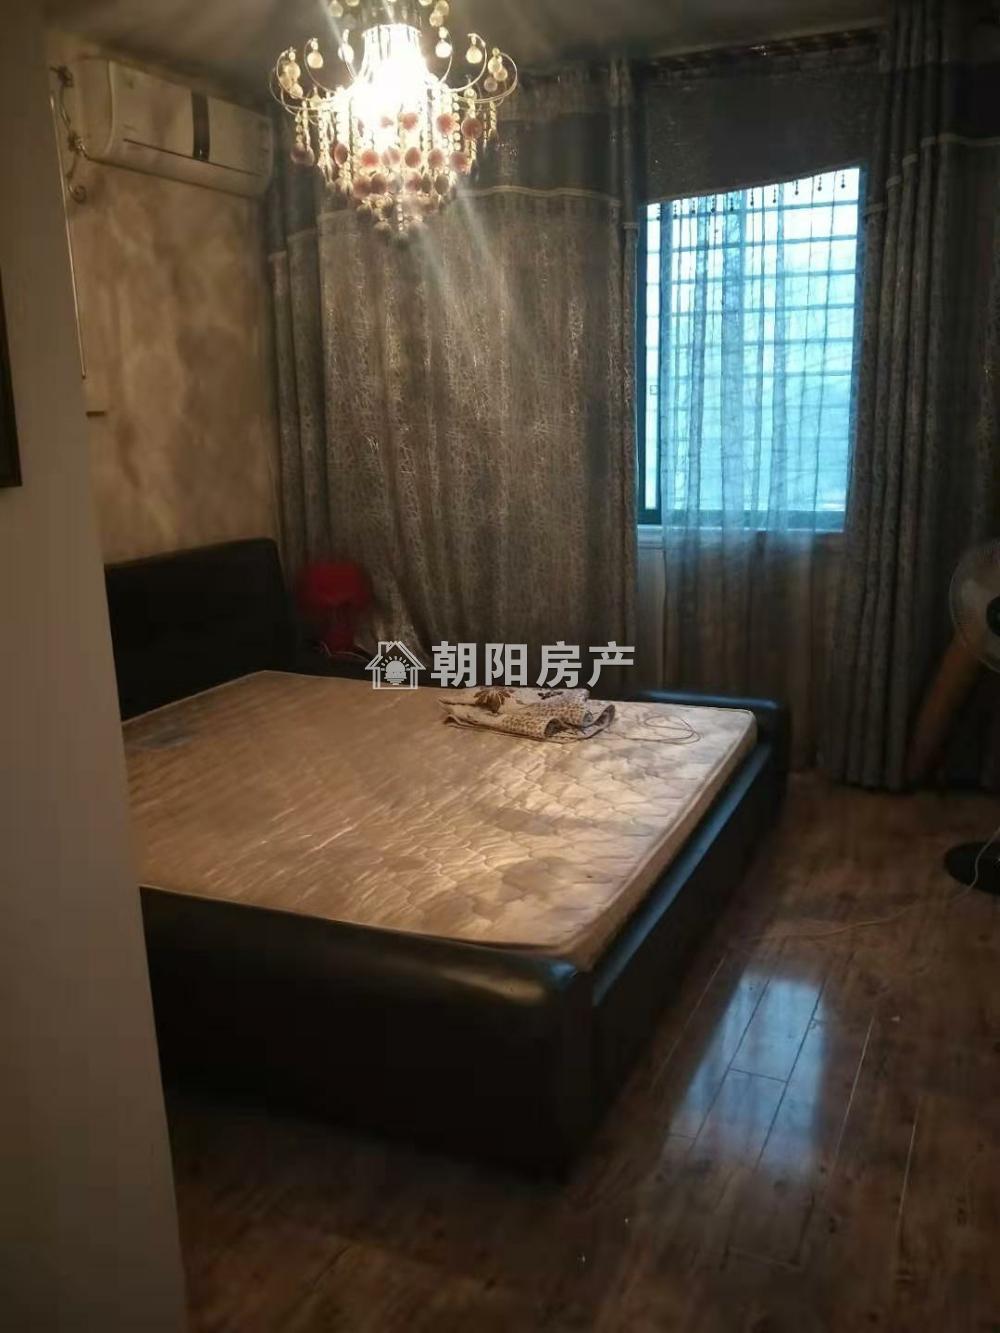 香榭华都东区2室2厅精装婚房急租